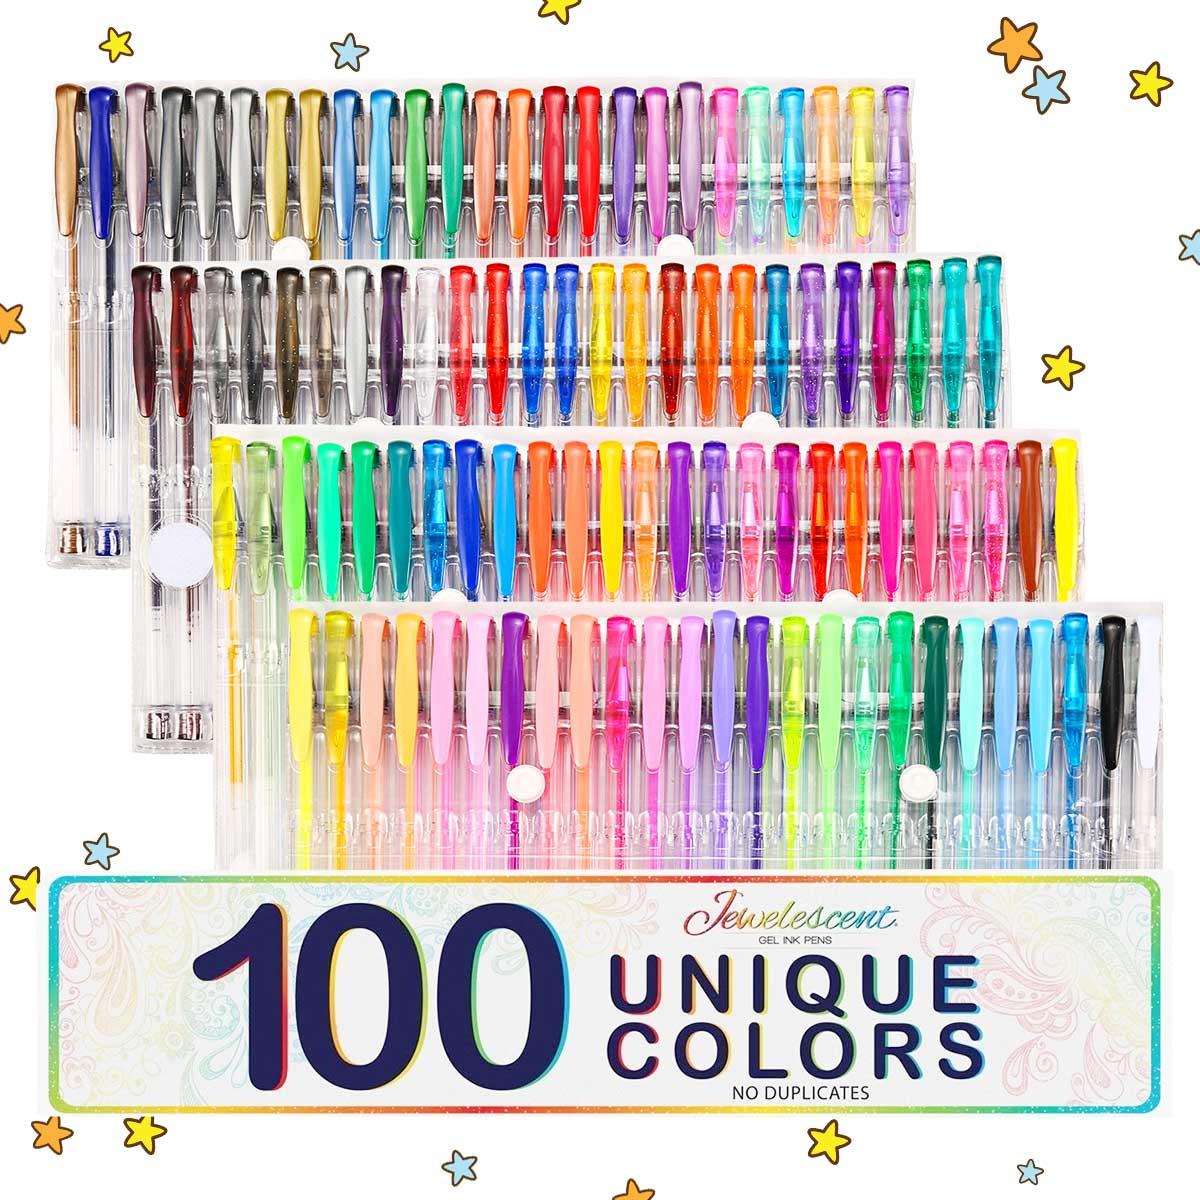 100 Cores Canetas Gel Tinta Livro de Presente Ofício Para Colorir Crianças Desenho Pintura Brilho Marcador Neon Metallic Set Escritório